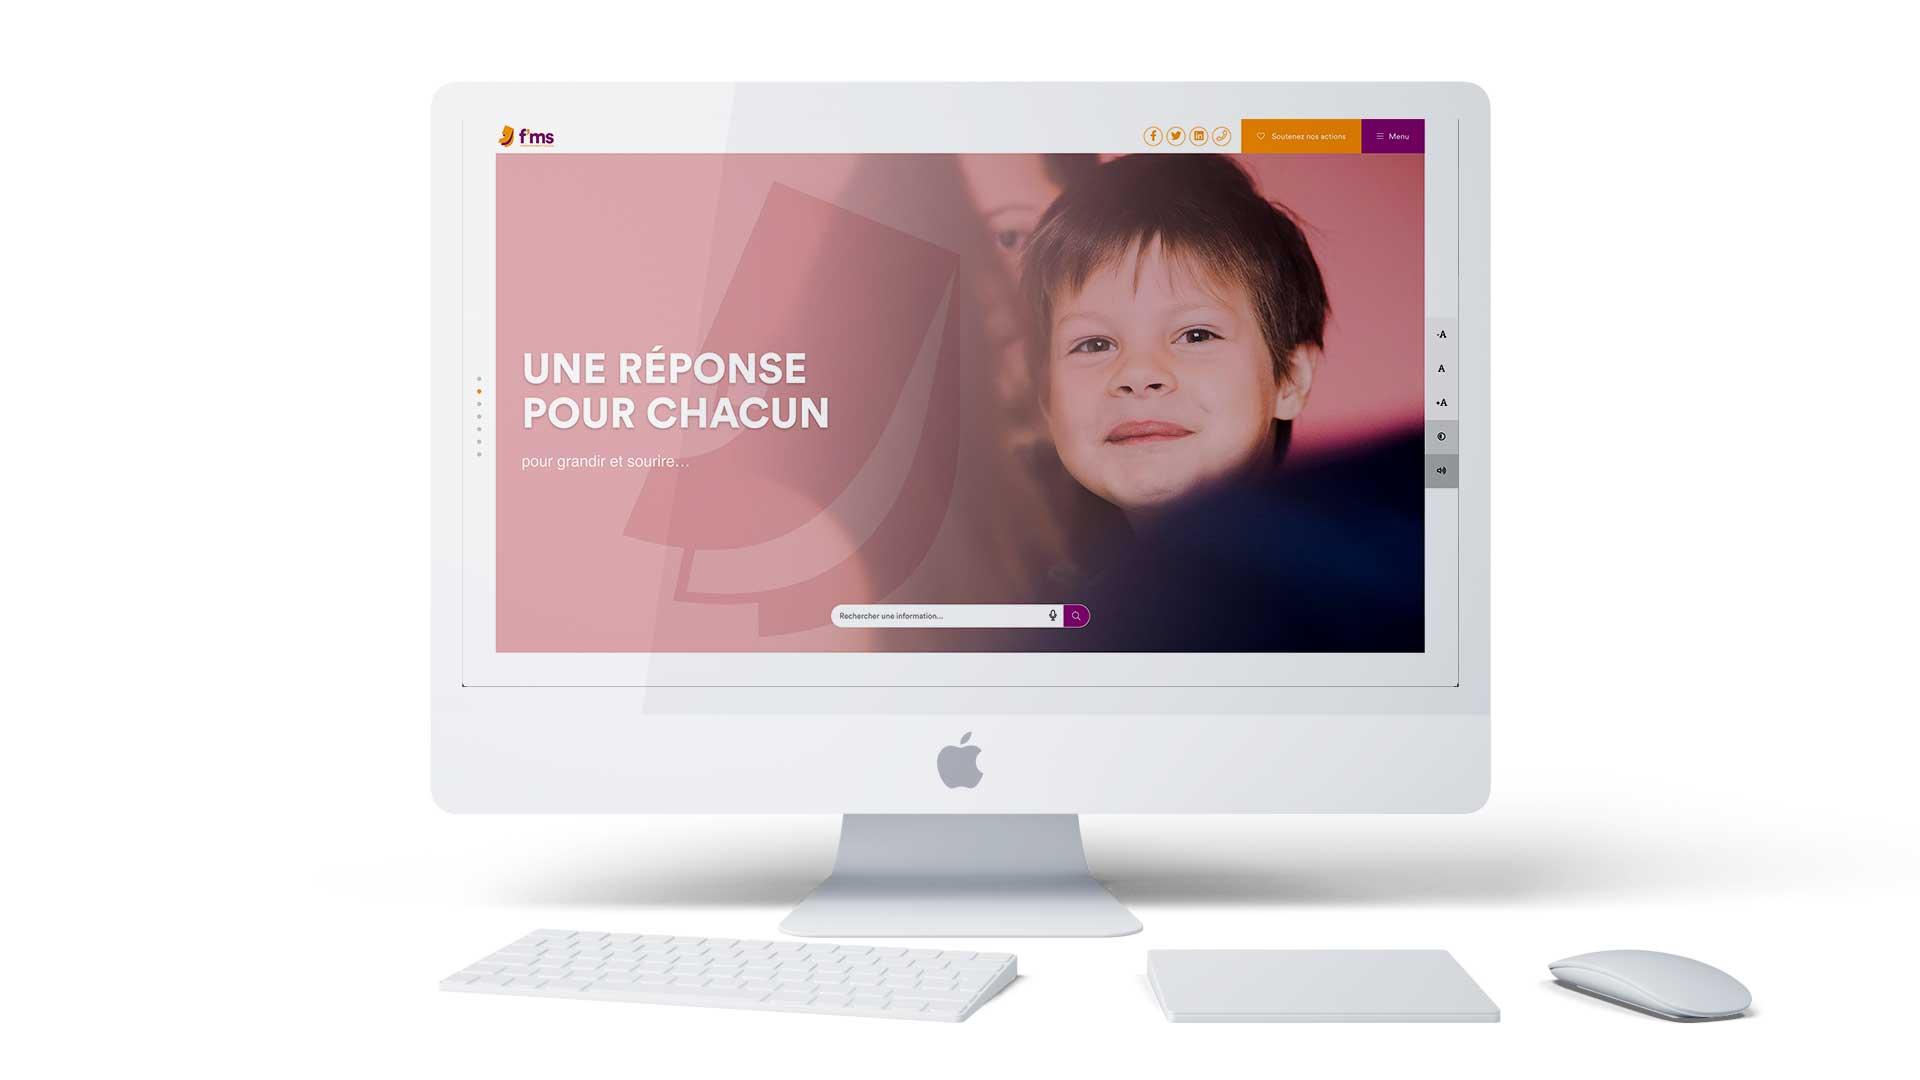 lezardscreation agence communication publicite vosges remiremont fms fms imac copie